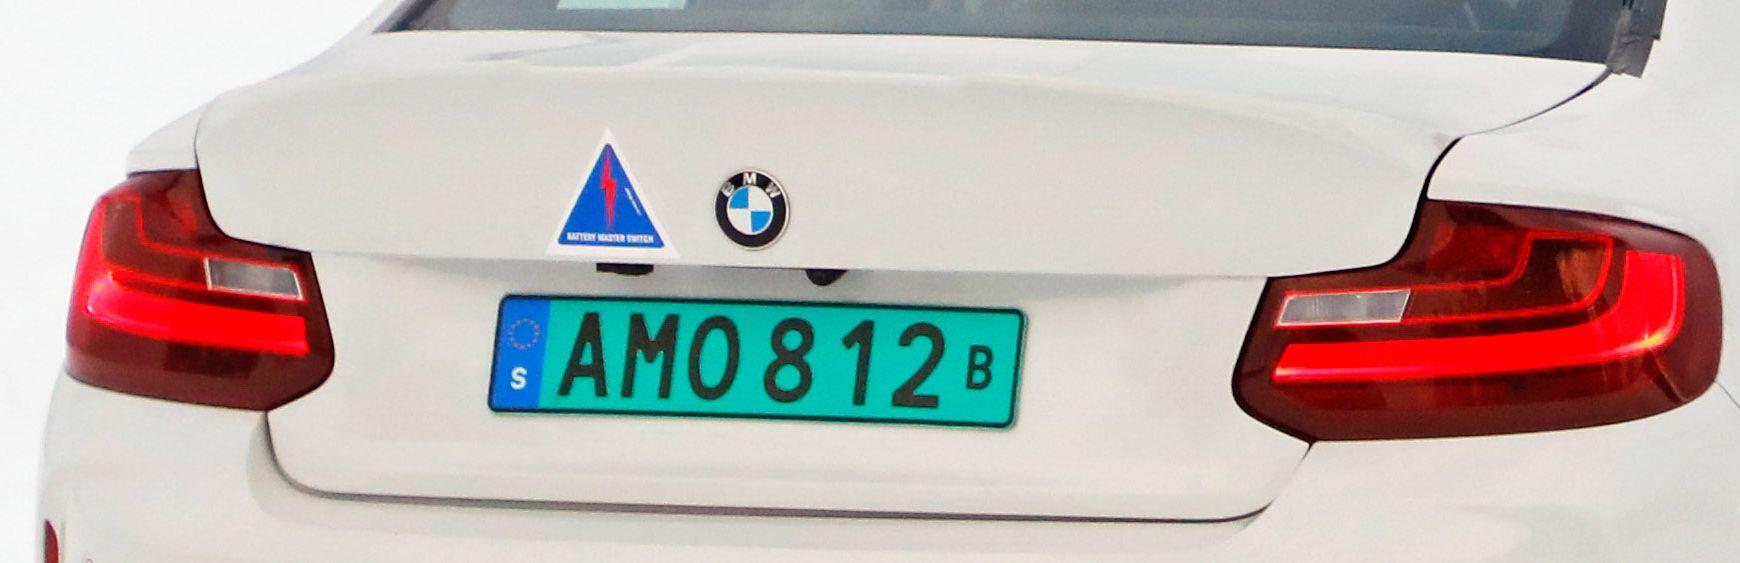 Name:  BMW_M2_EV_Testcar_Ducktail3.jpg Views: 8650 Size:  82.4 KB